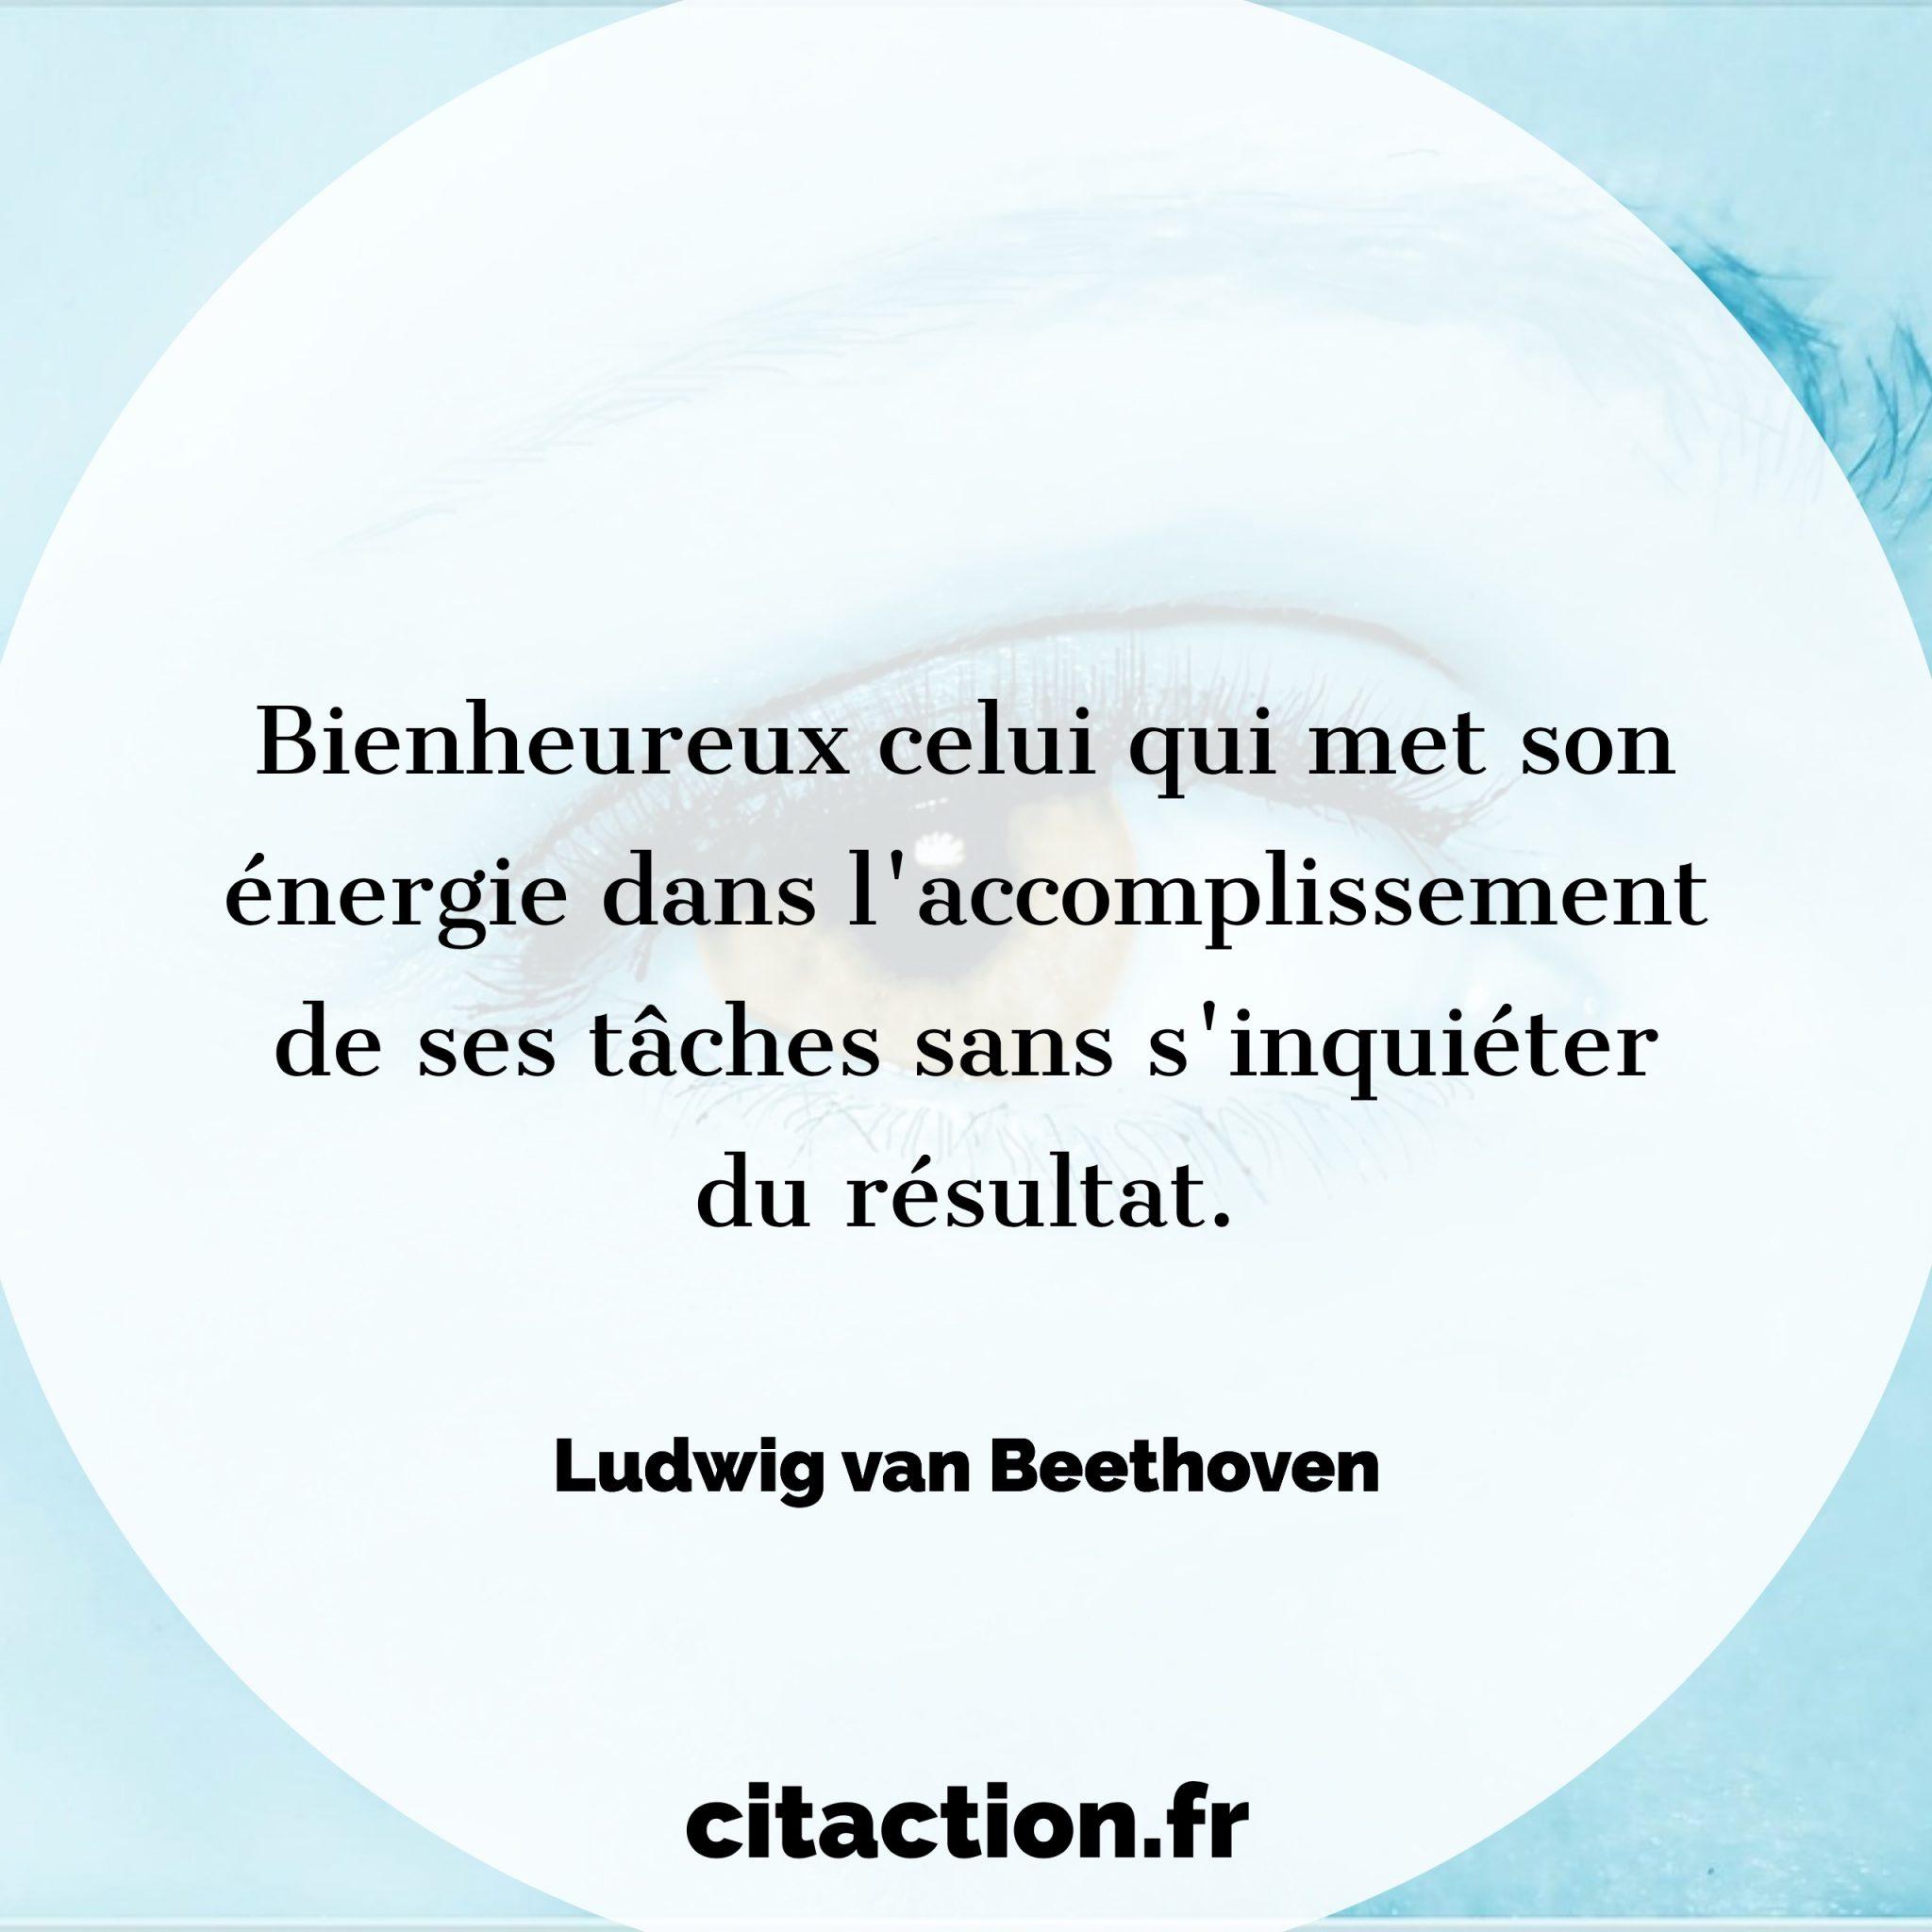 Bienheureux celui qui met son énergie dans l'accomplissement de ses tâches sans s'inquiéter du résultat.